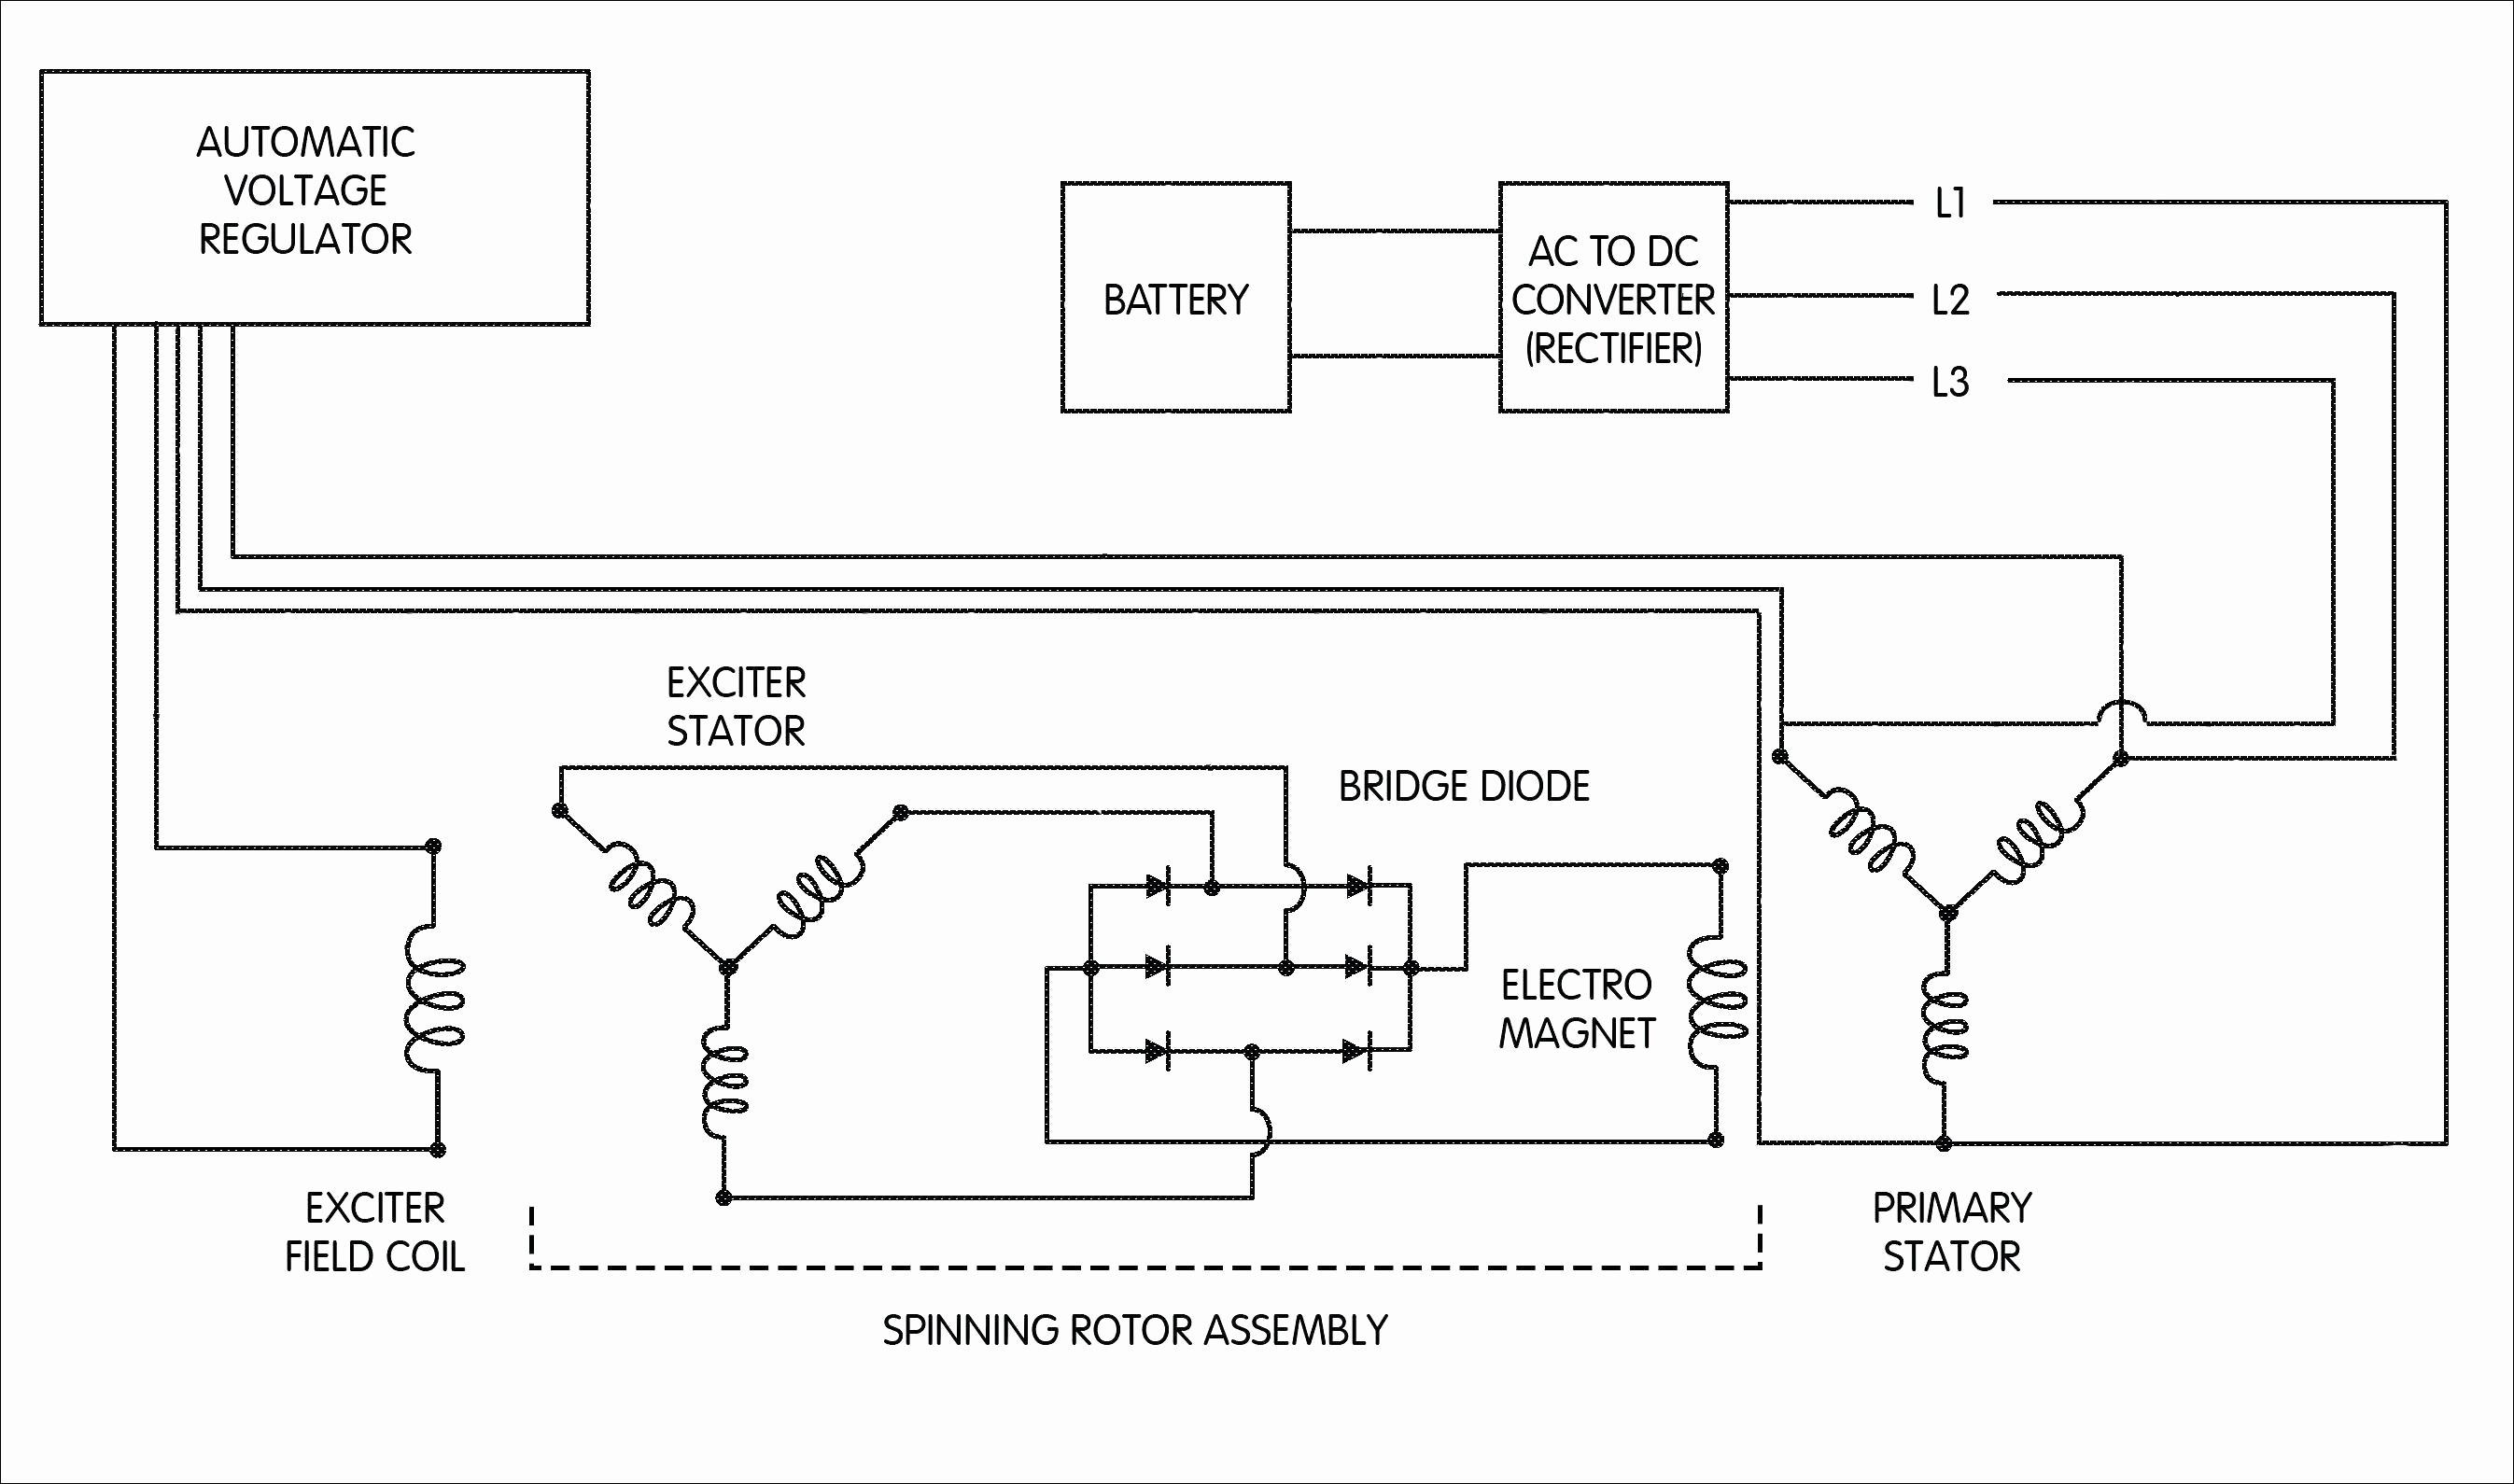 Gm Cs130 Alternator 3 Wire Wiring Diagram | Wiring Diagram - Cs130 Alternator Wiring Diagram